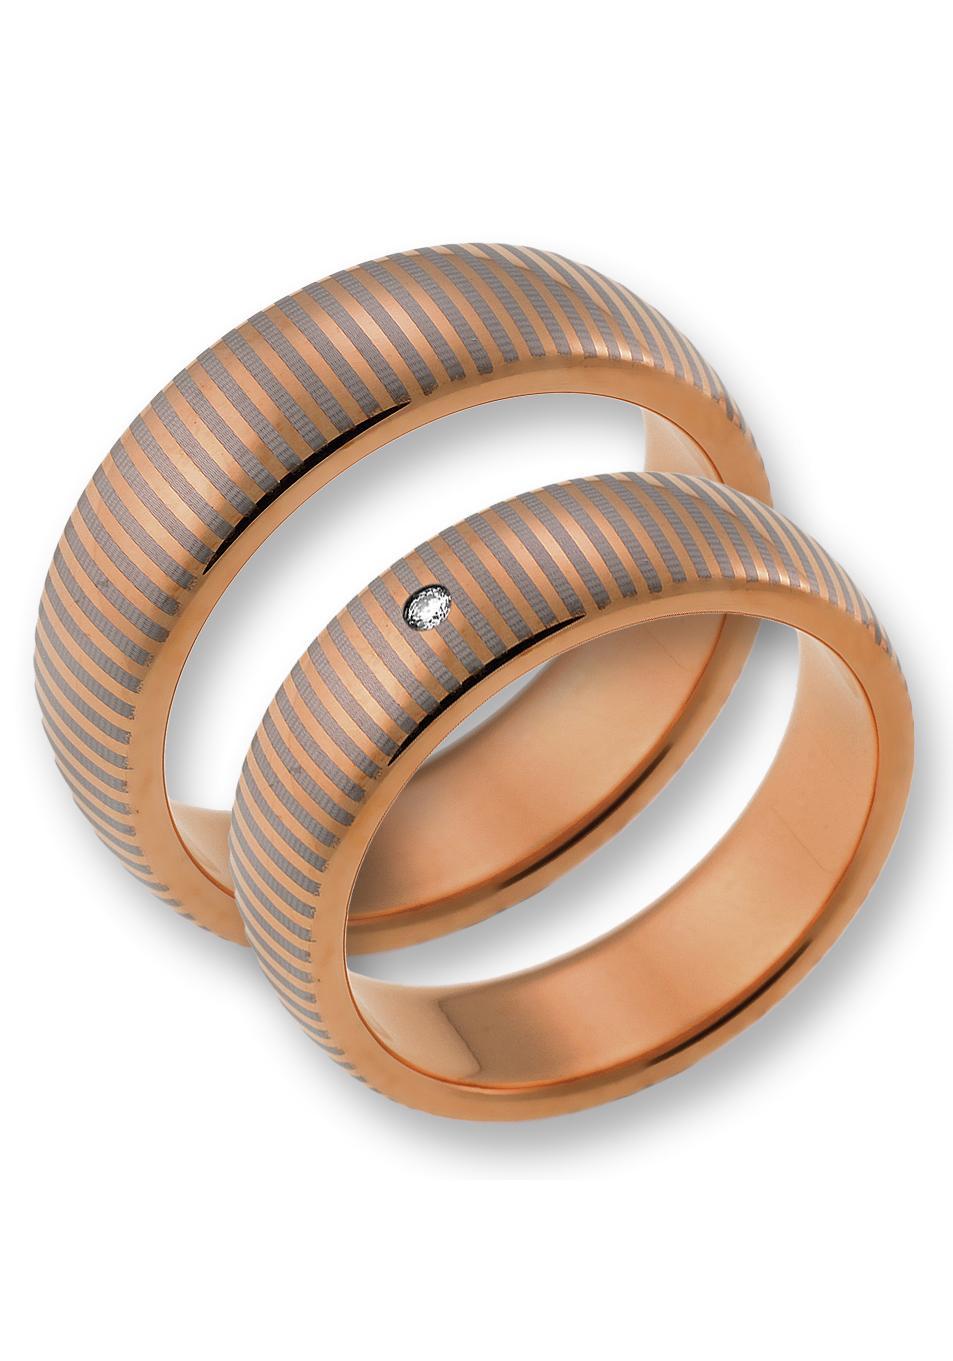 CORE by Schumann Design Trauring »TW003.22/19107128, 19107129« | Schmuck > Ringe > Trauringe | CORE by Schumann Design